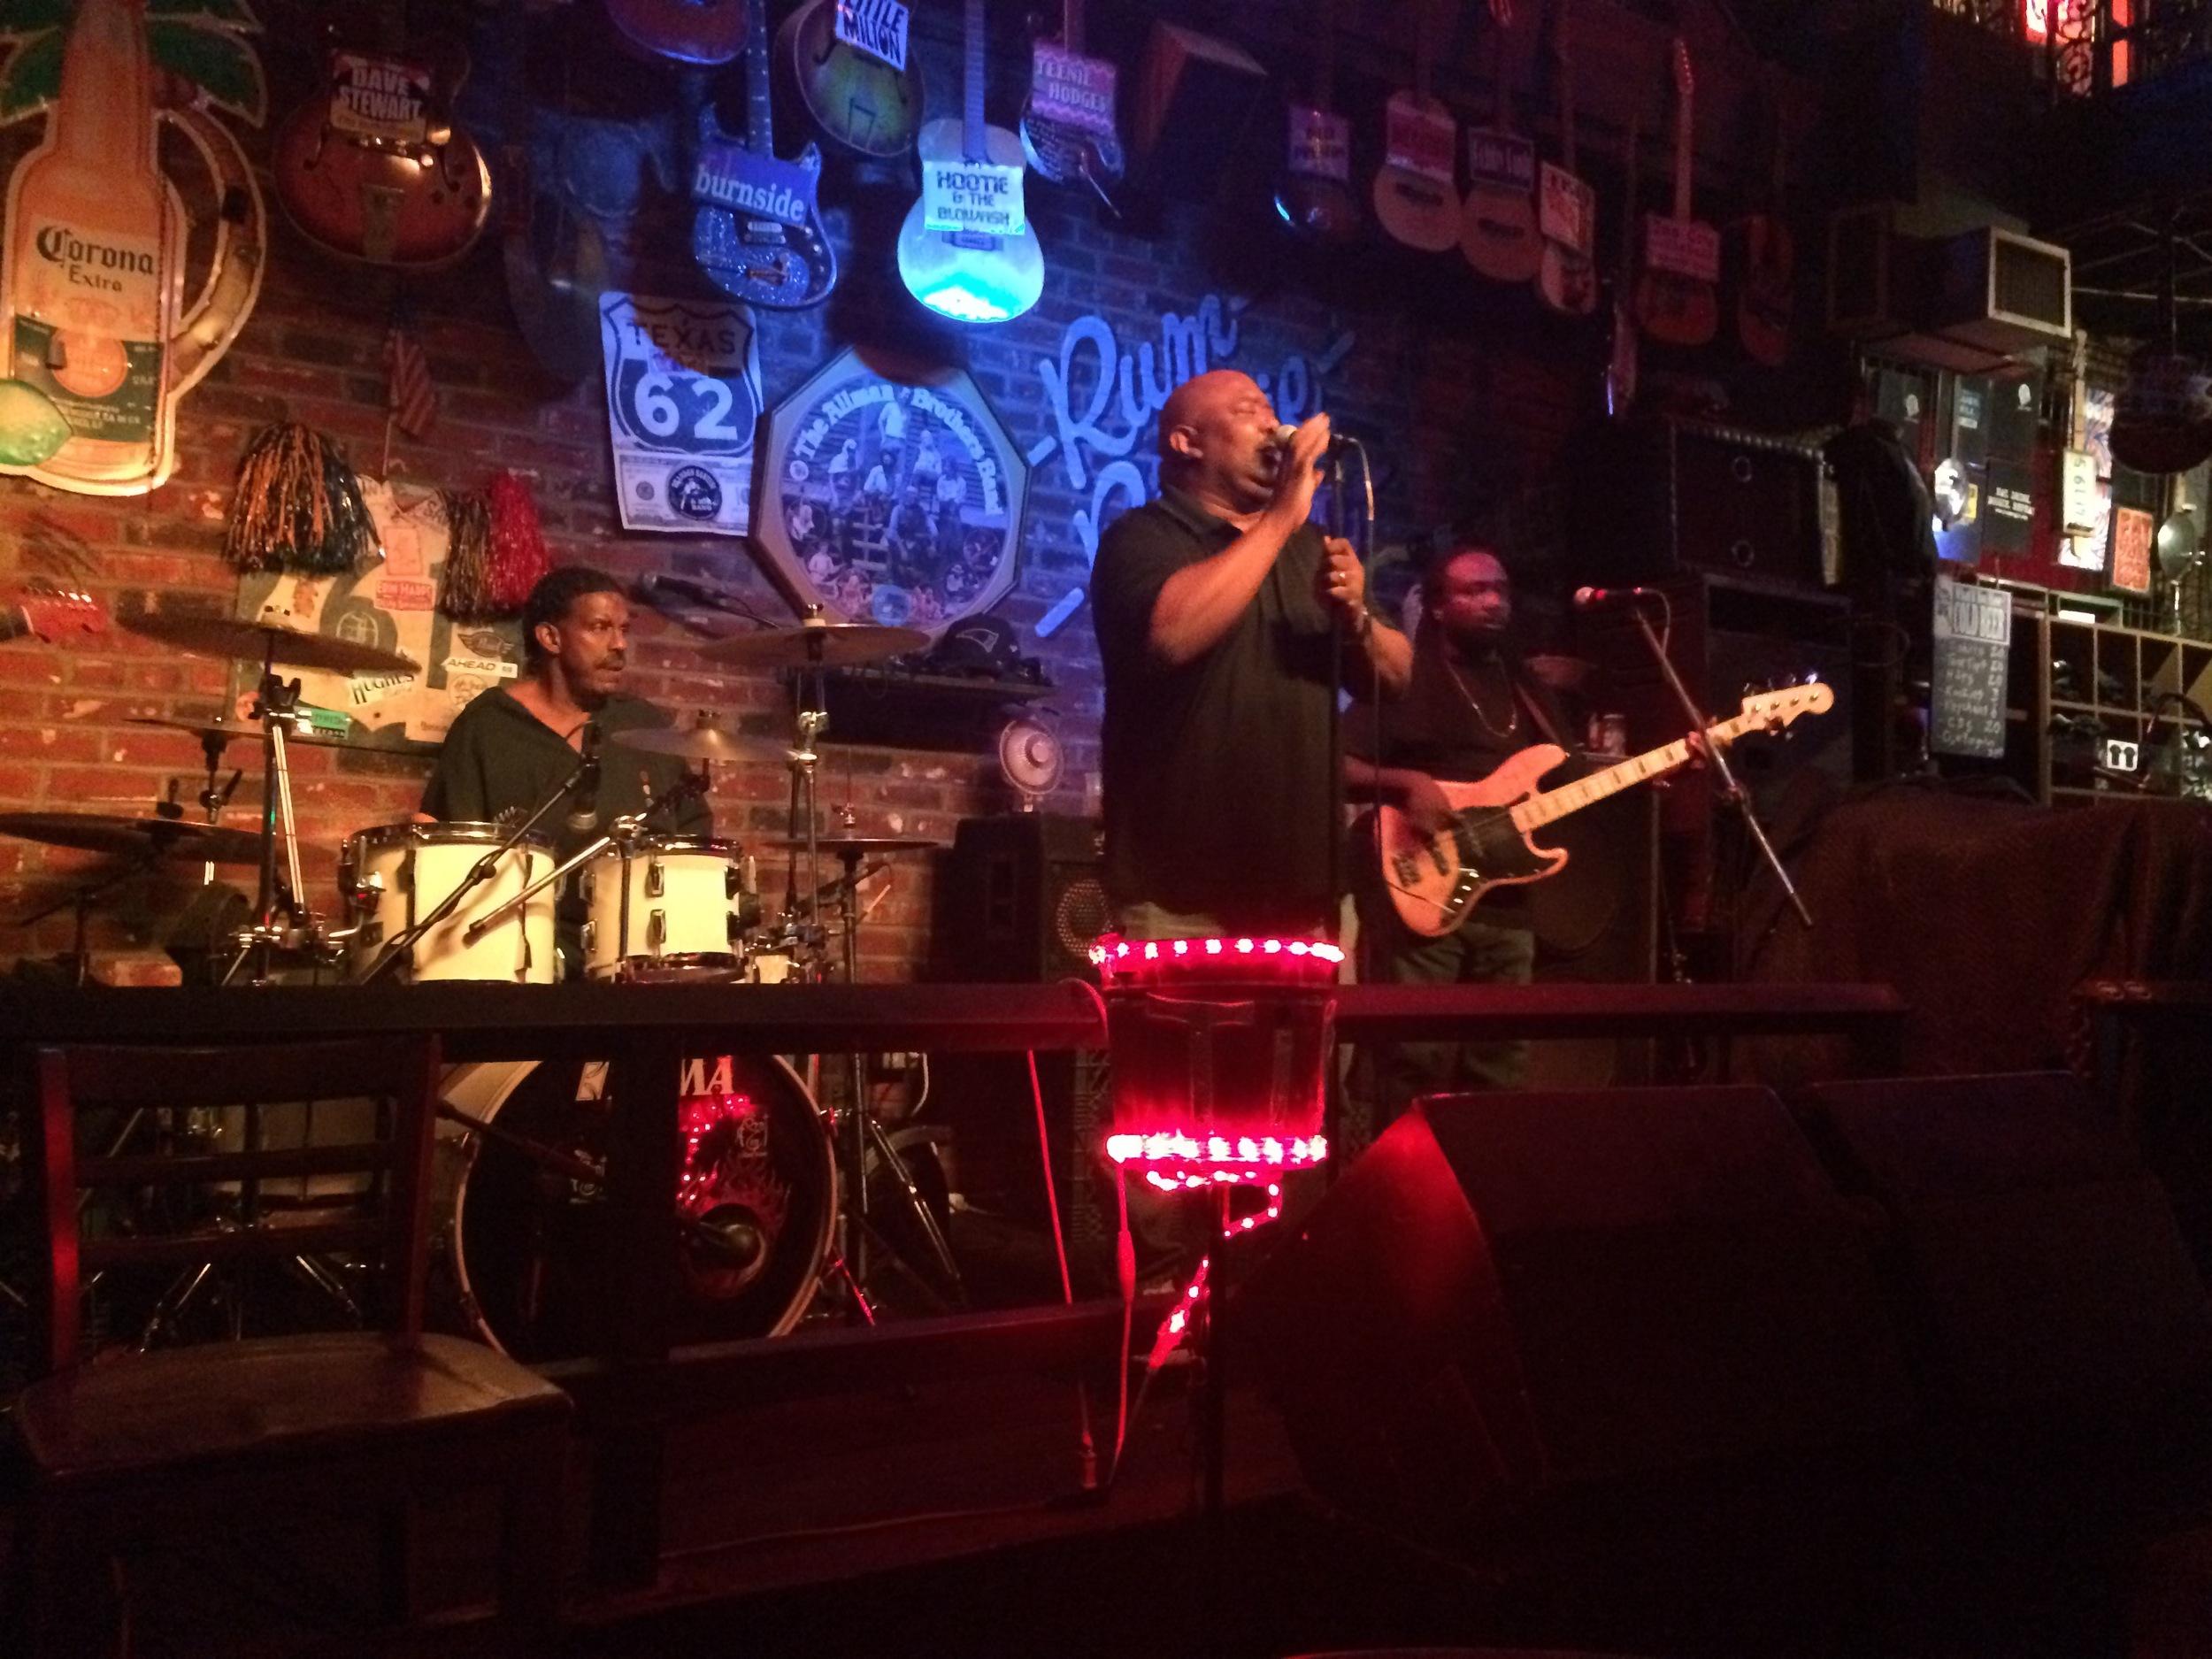 Banda que assistimos no   Rum Boggie Café  na  Beale Street.